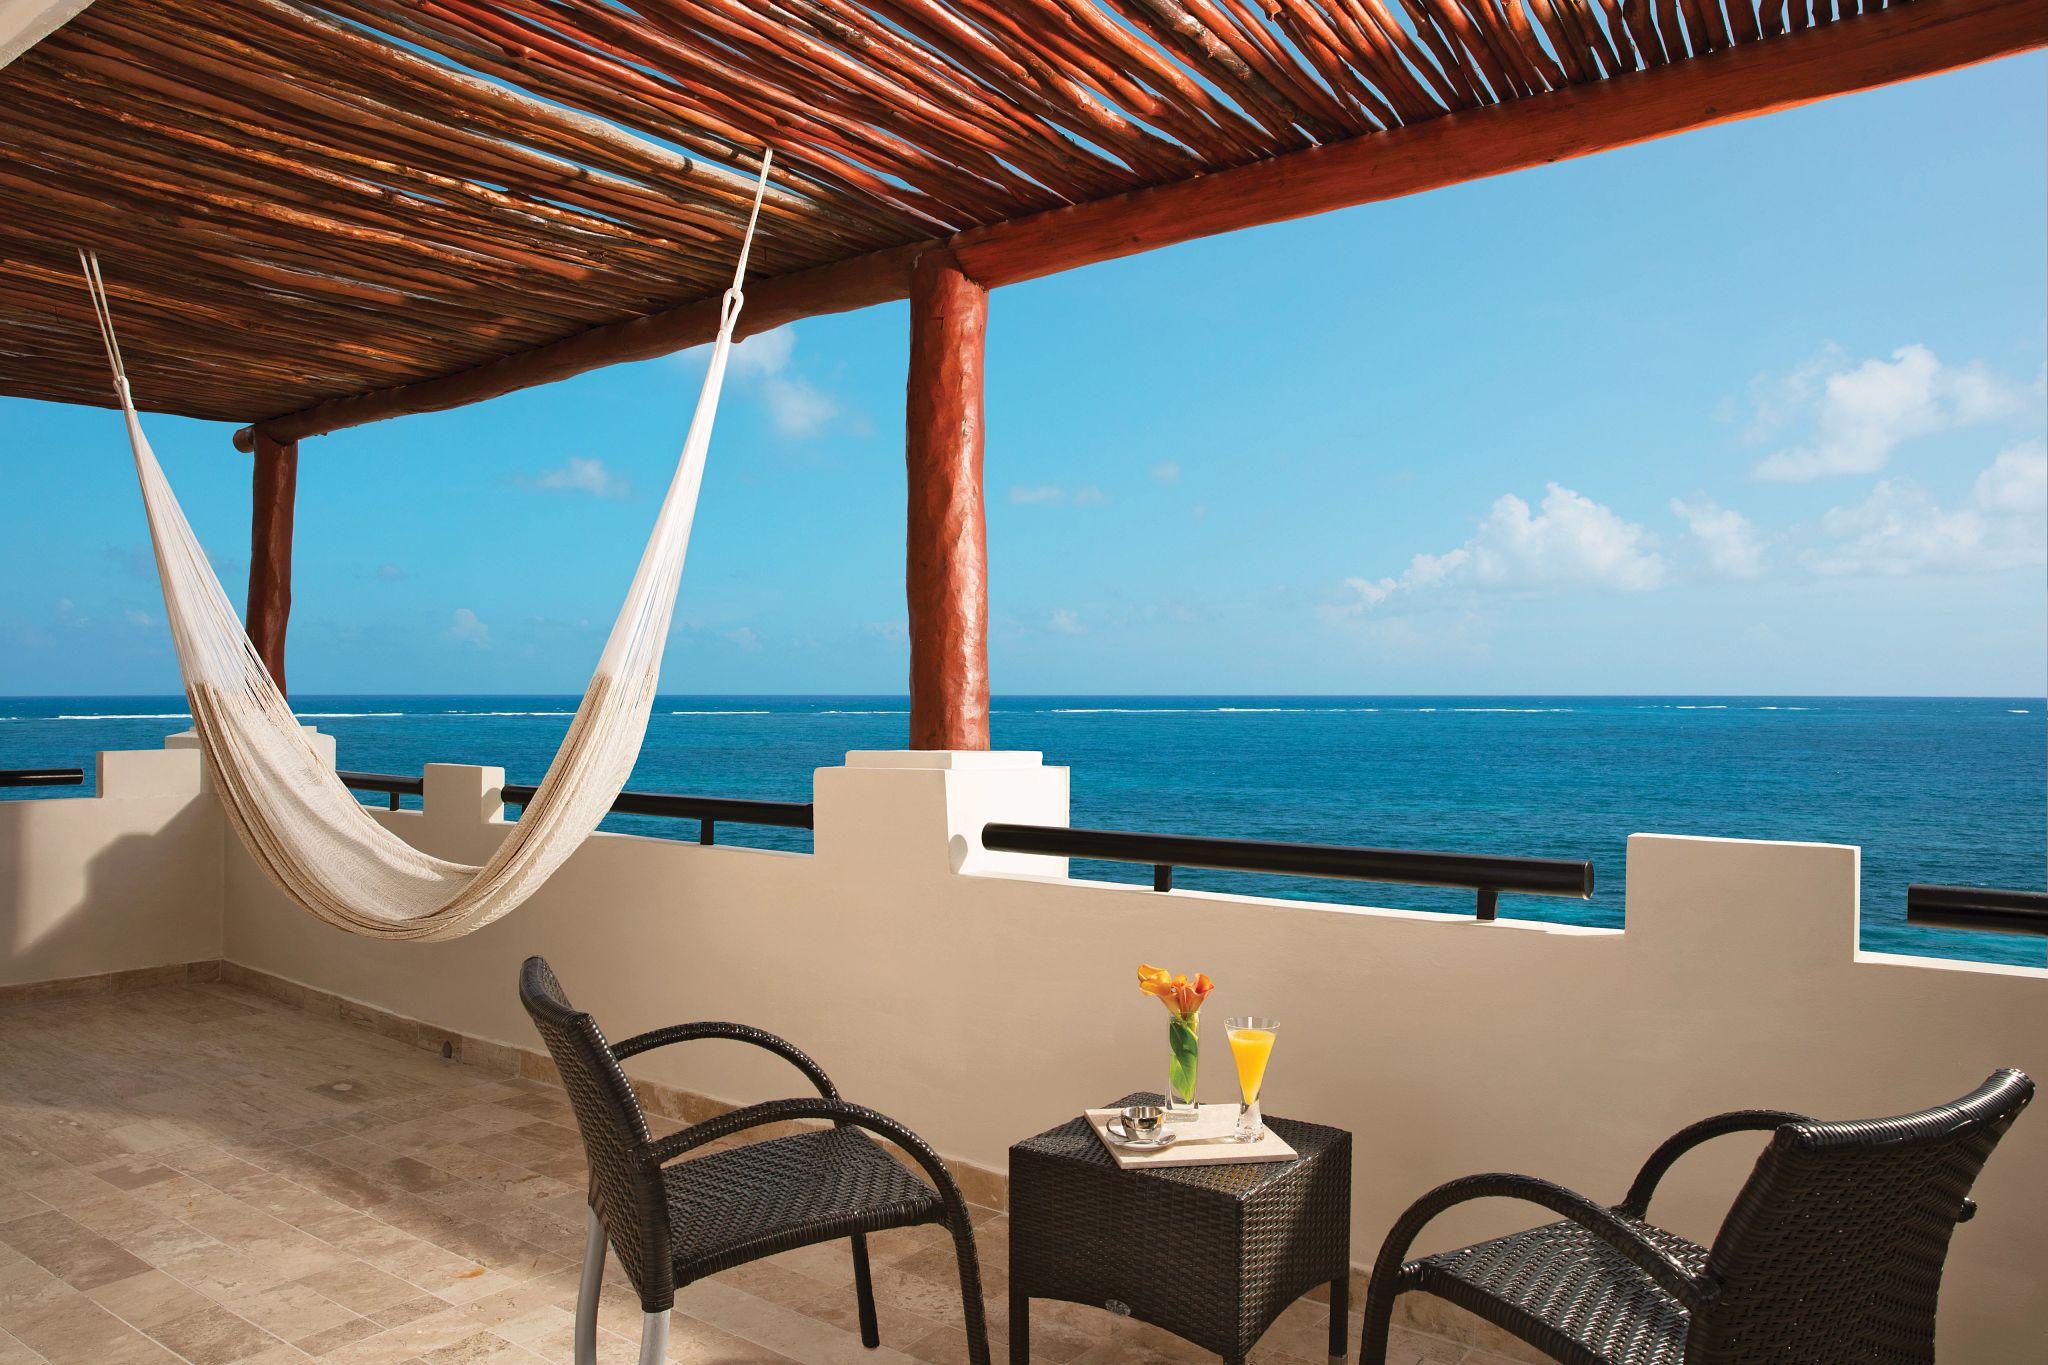 terrace of hotel suite overlooking the ocean